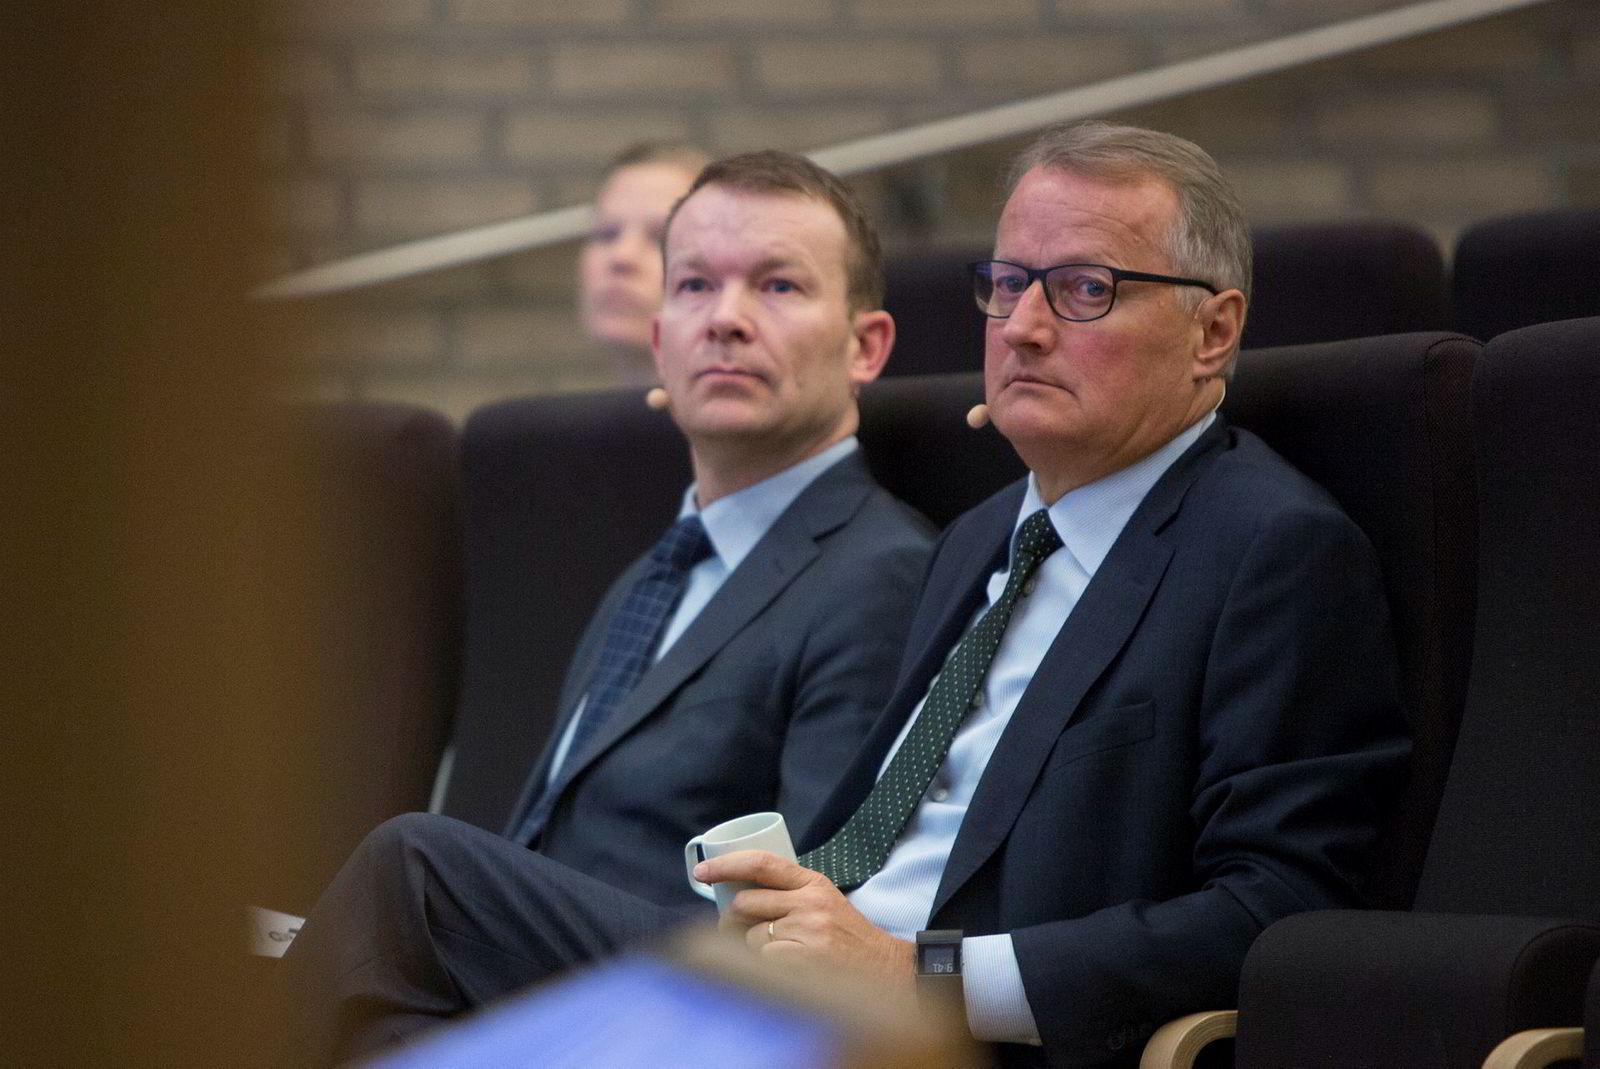 Konserndirektør Thomas Midteide (t.v.) og DNB-sjef Rune Bjerke.